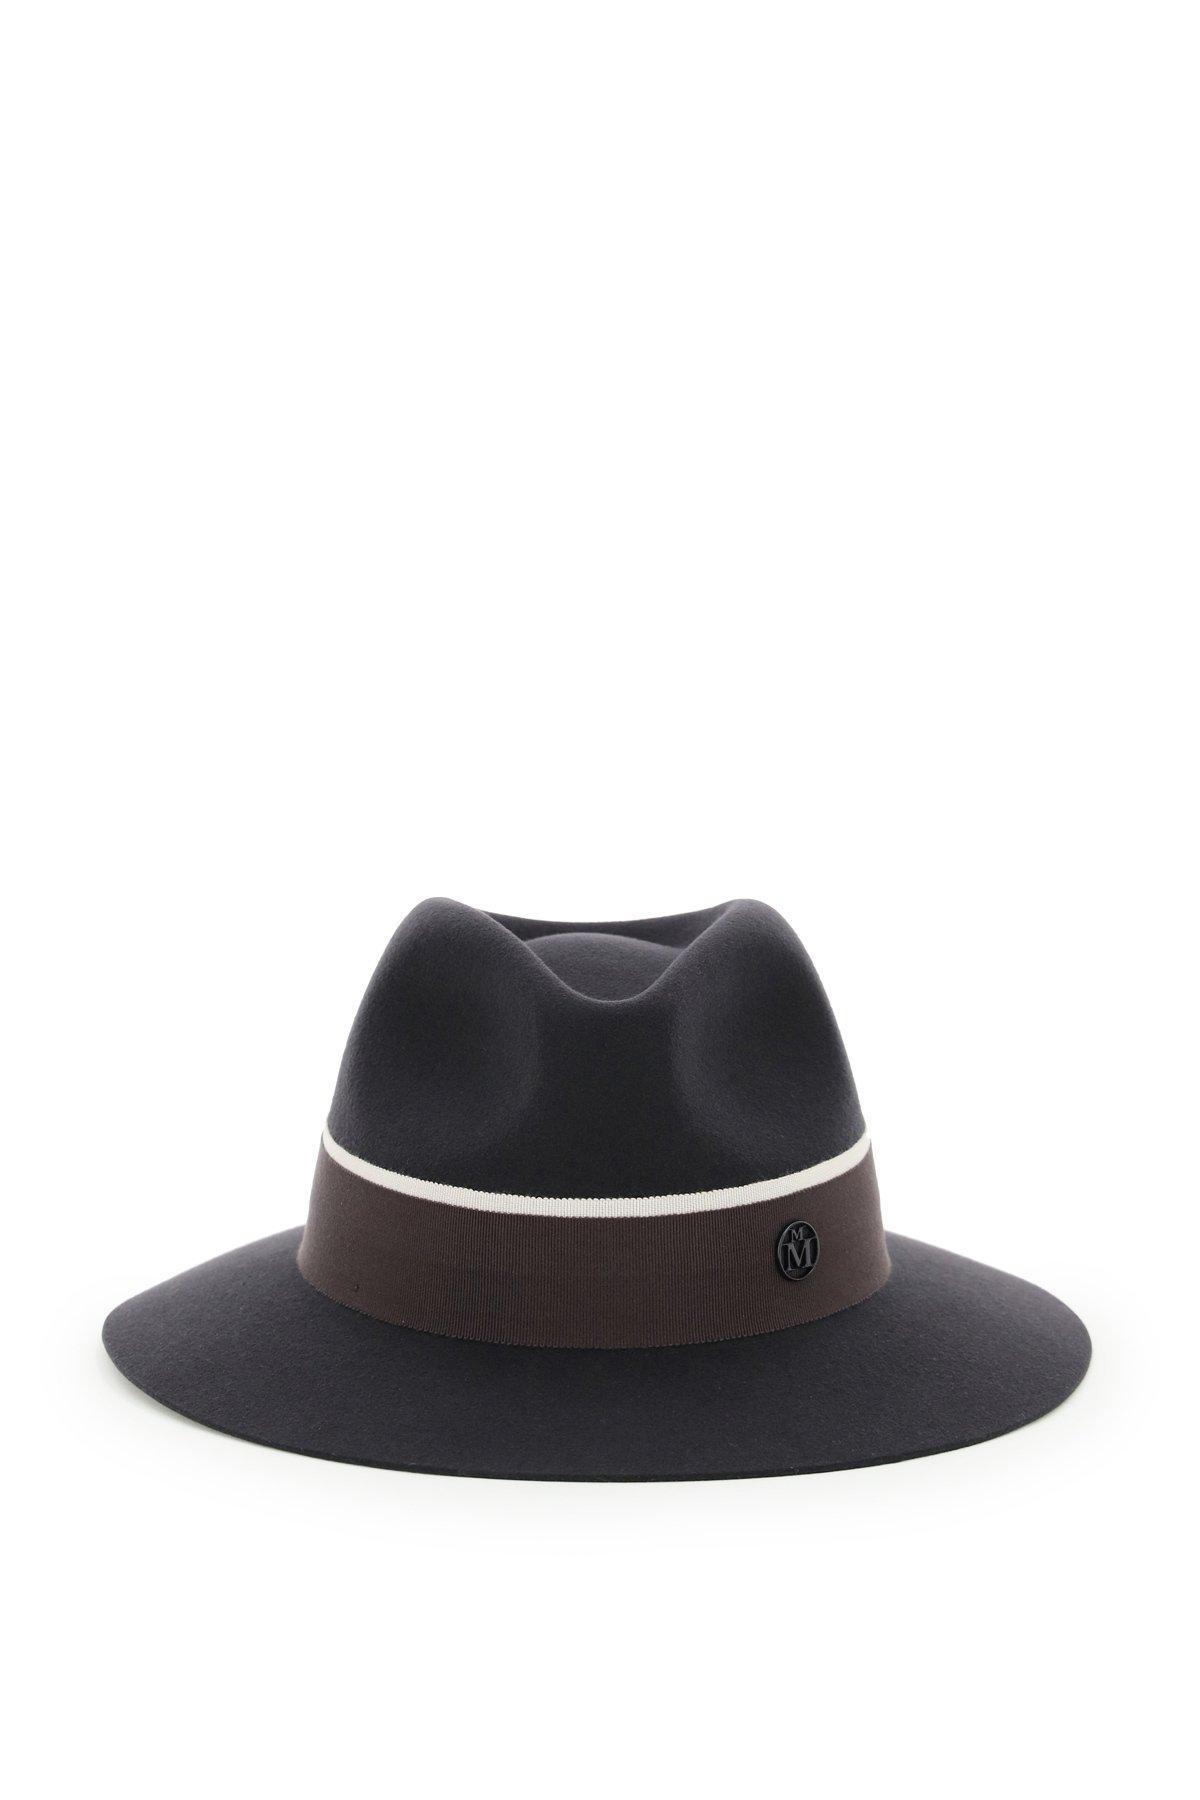 Maison michel cappello fedora in feltro rico